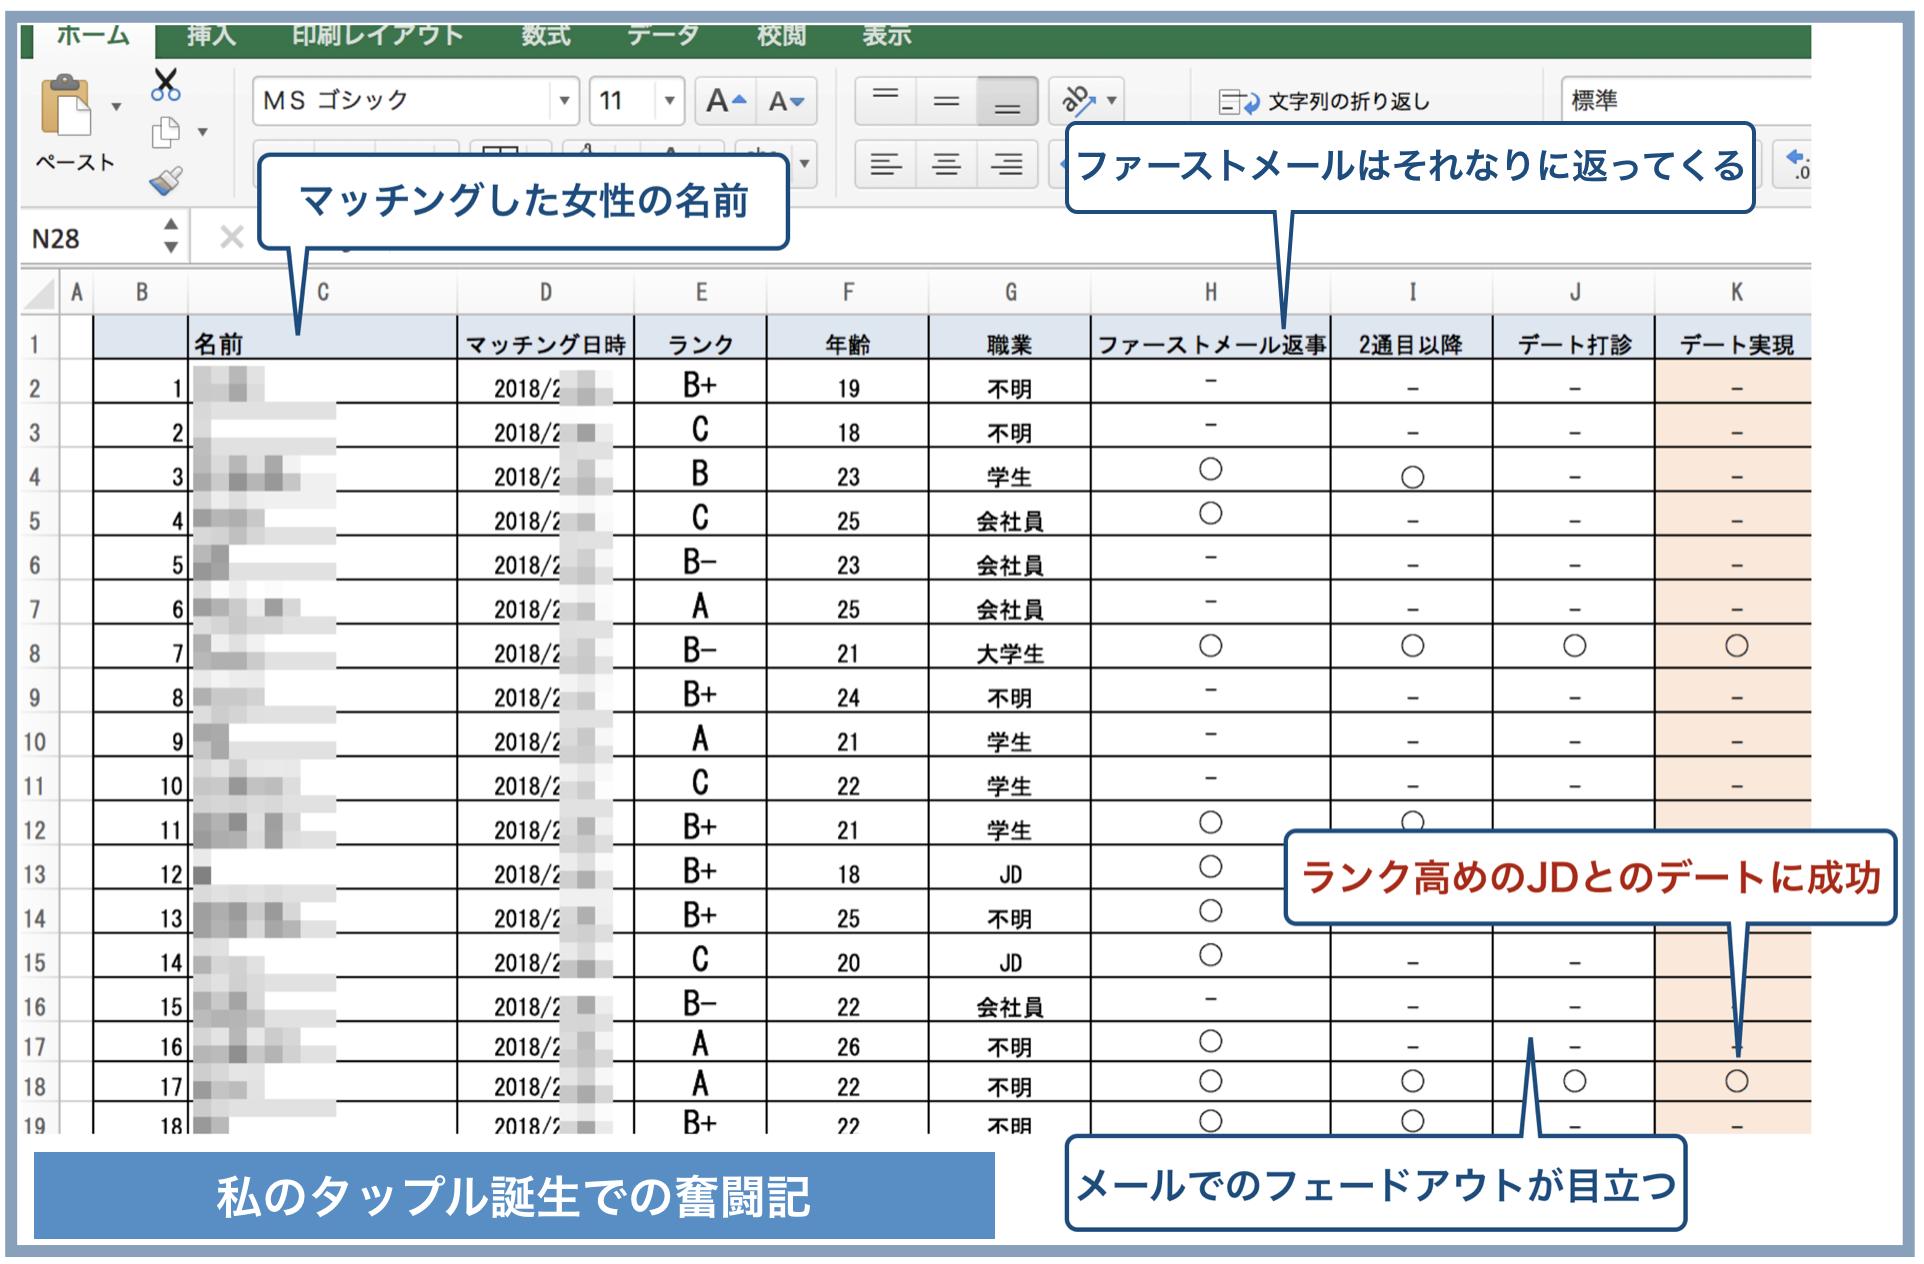 マッチングアプリの検証結果エクセルまとめ